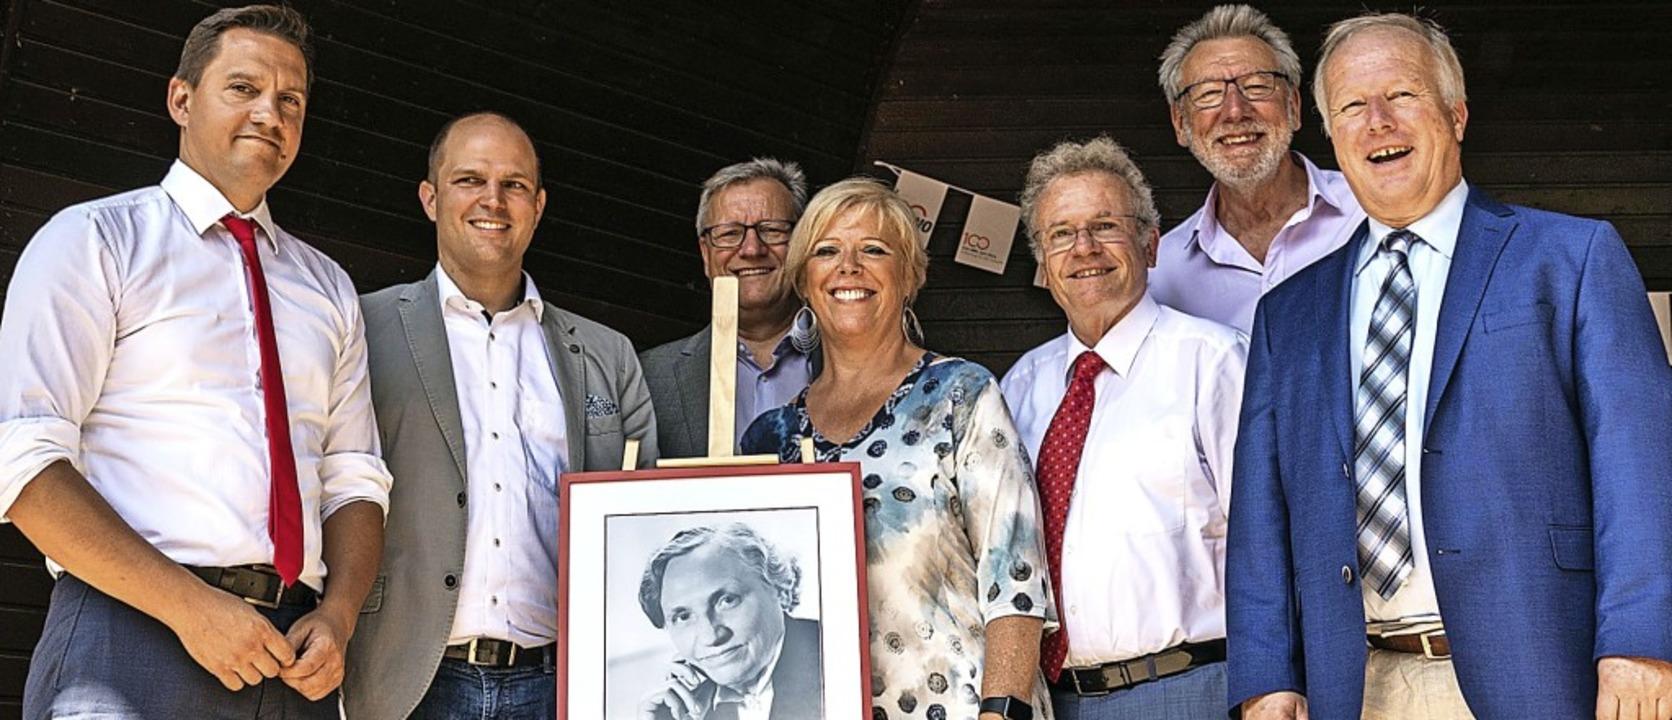 Viele Gratulanten sprachen beim AWO-So... der Verbandsgründerin Marie Juchacz.   | Foto: Helmut Rothermel